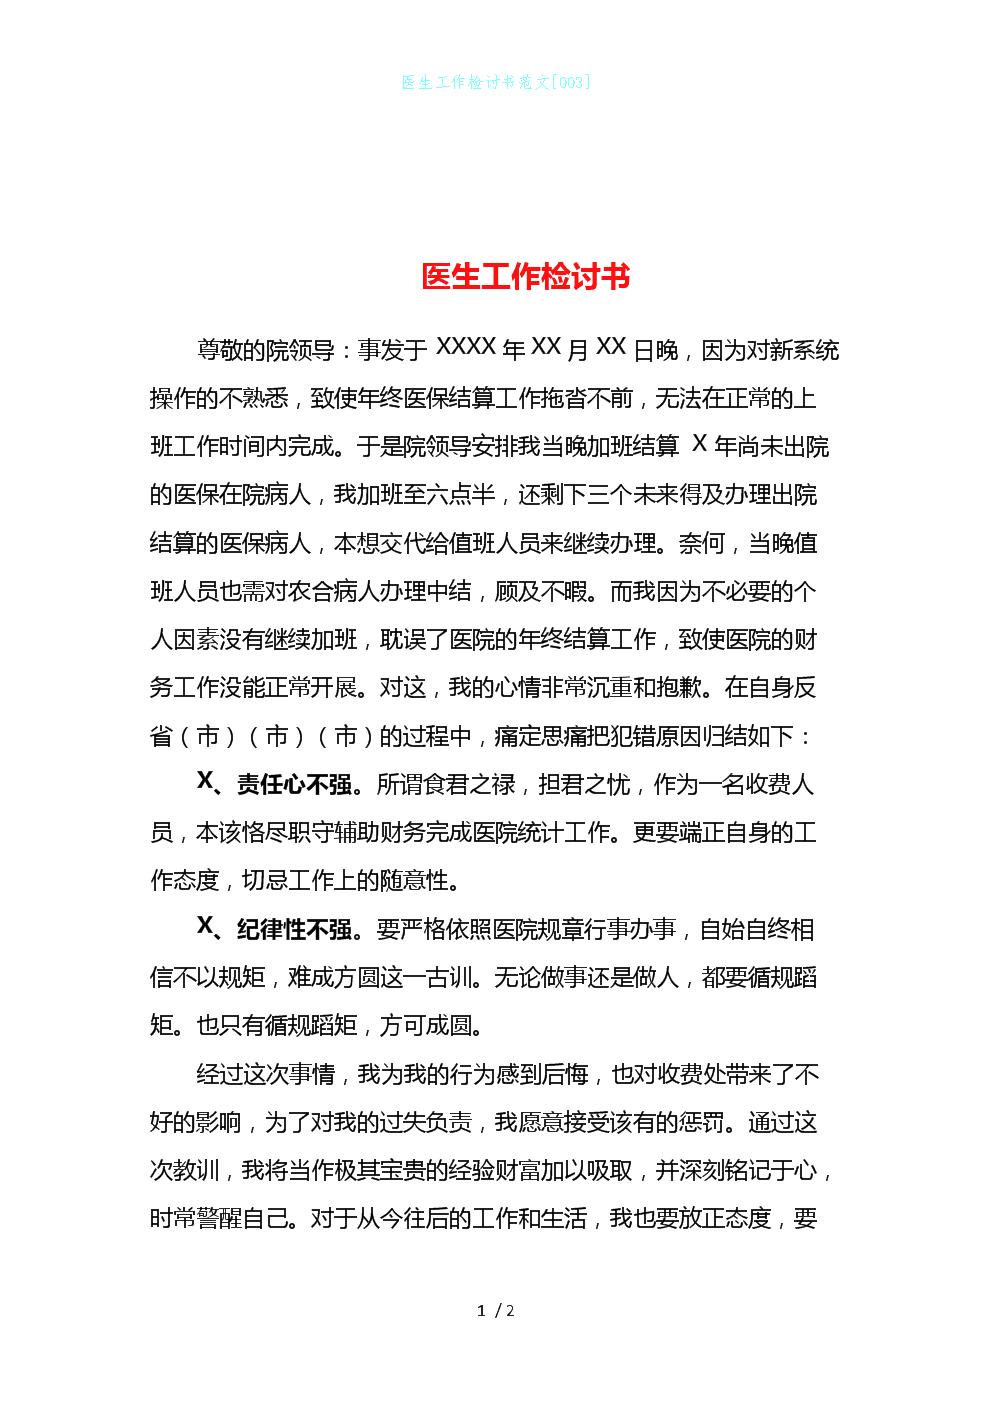 医生工作检讨书范文[003].docx